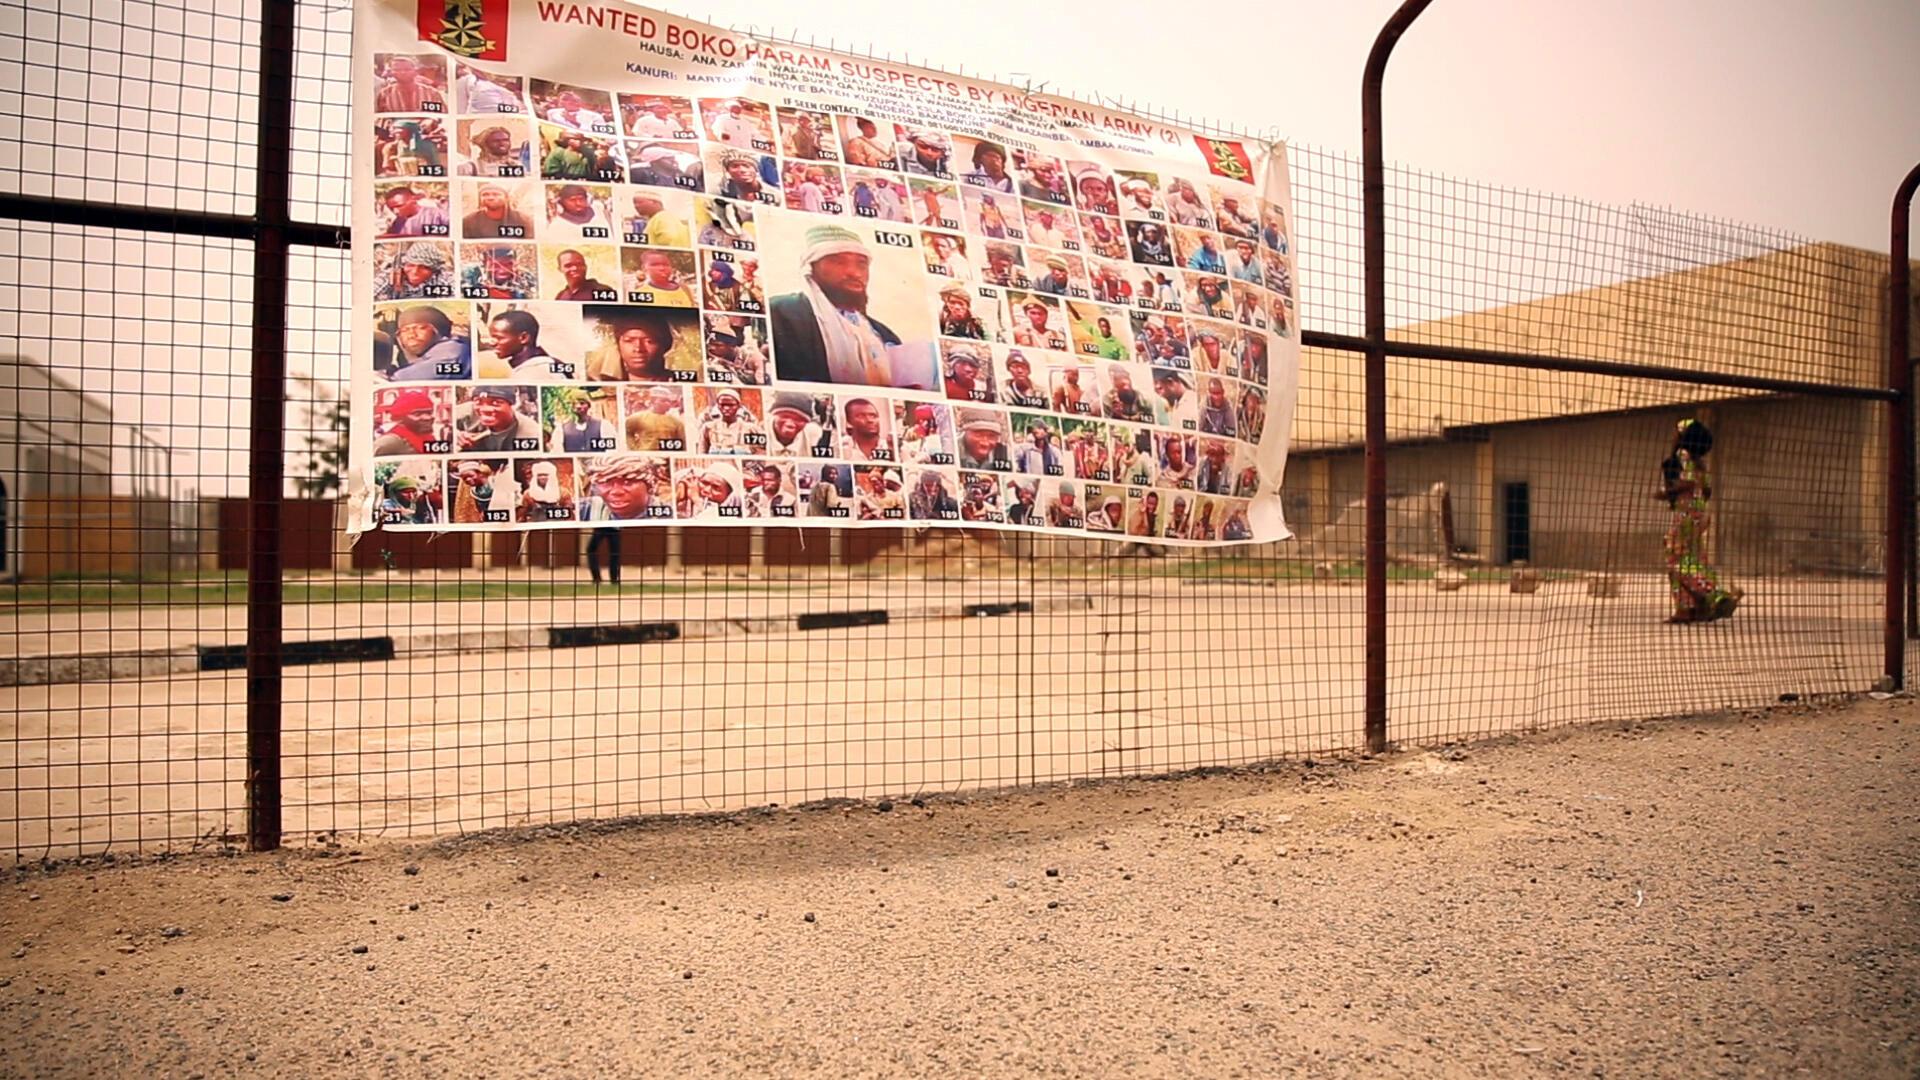 Barnawi na cikin jerin sunayen 'Yan Boko Haram 100 da Najeriya ke nema ruwa a jallo